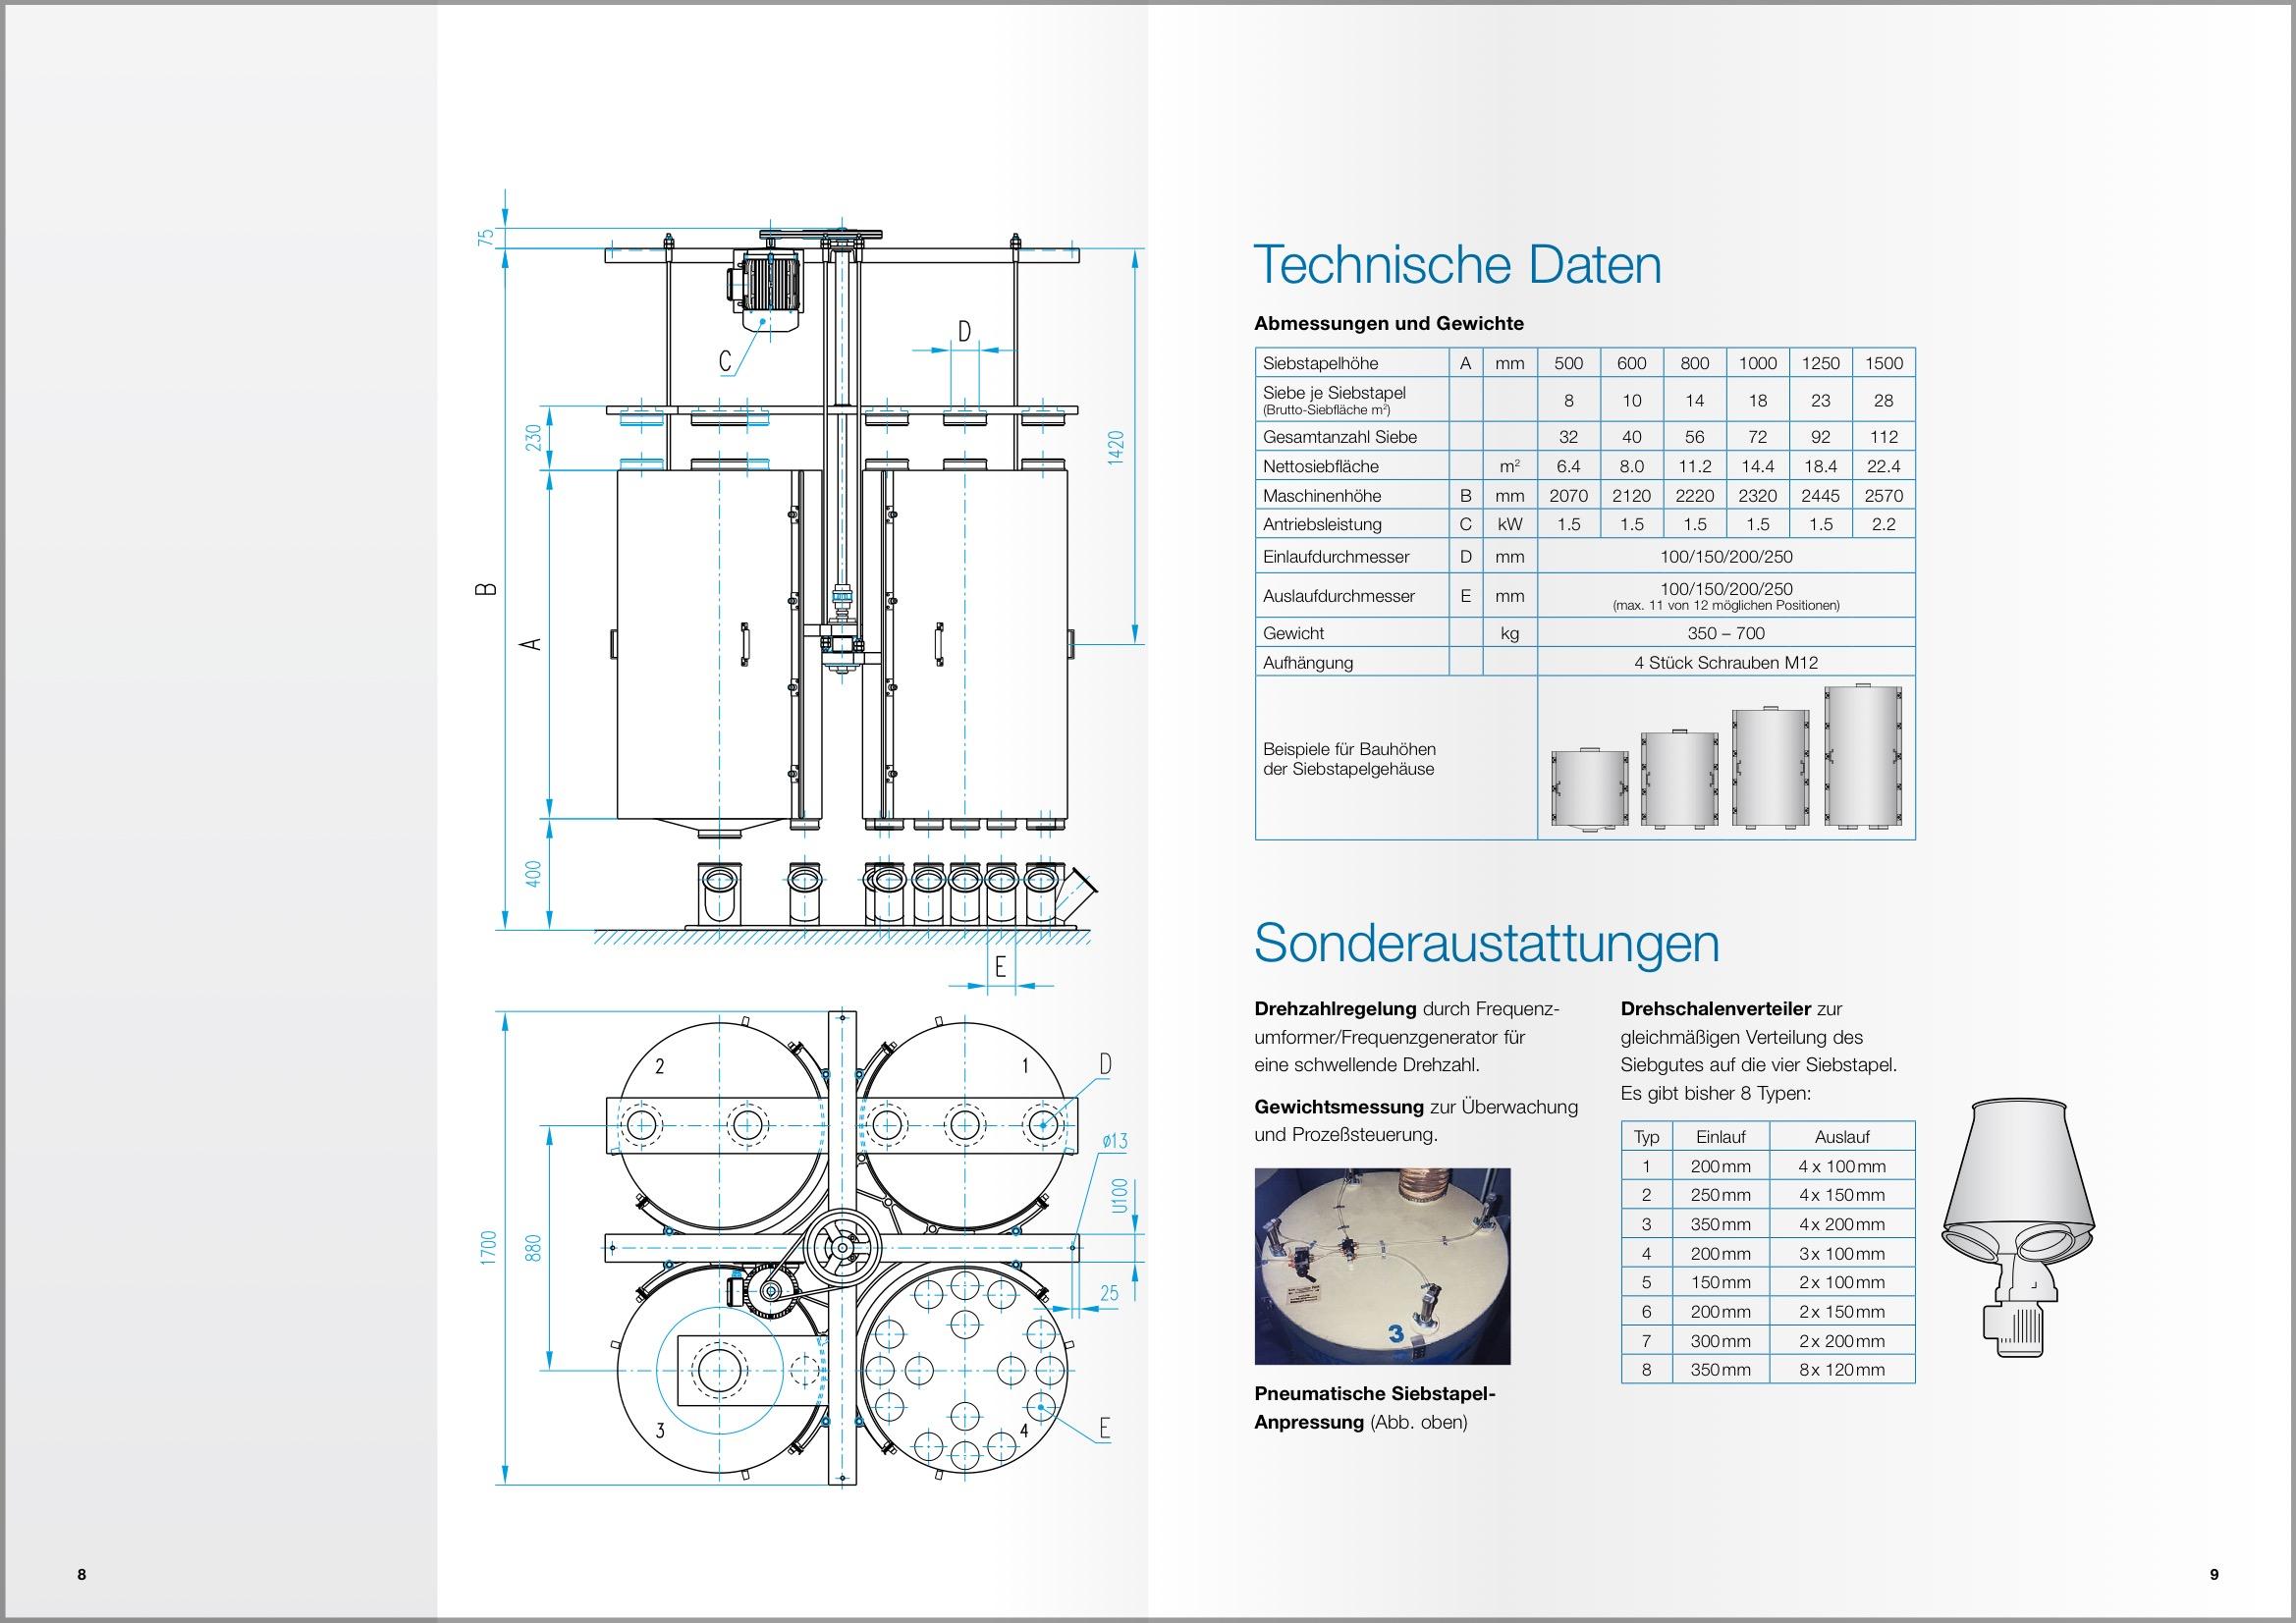 Maschinenbau-Prospekt DIN A4 Rüter-Plansichter DE Doppelseite 5